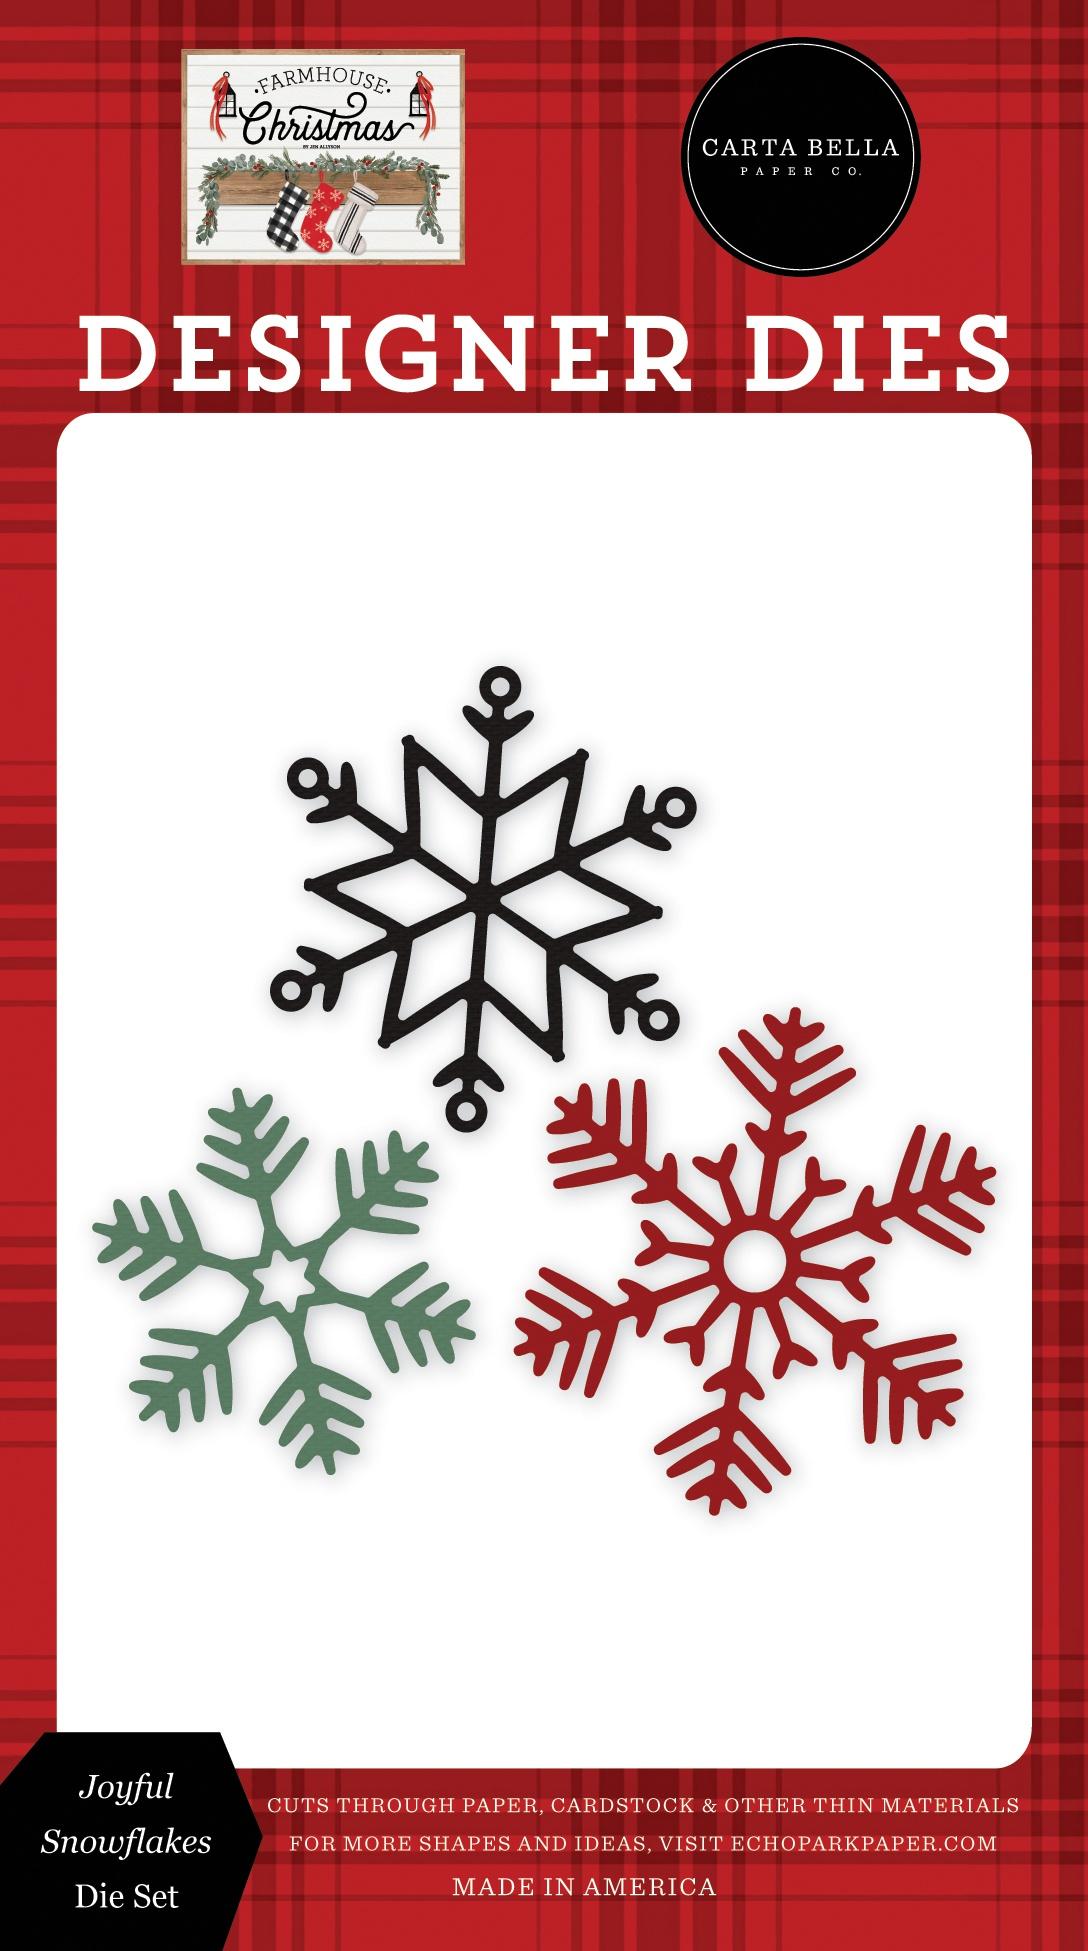 Carte Bella Dies-Joyful Snowflakes